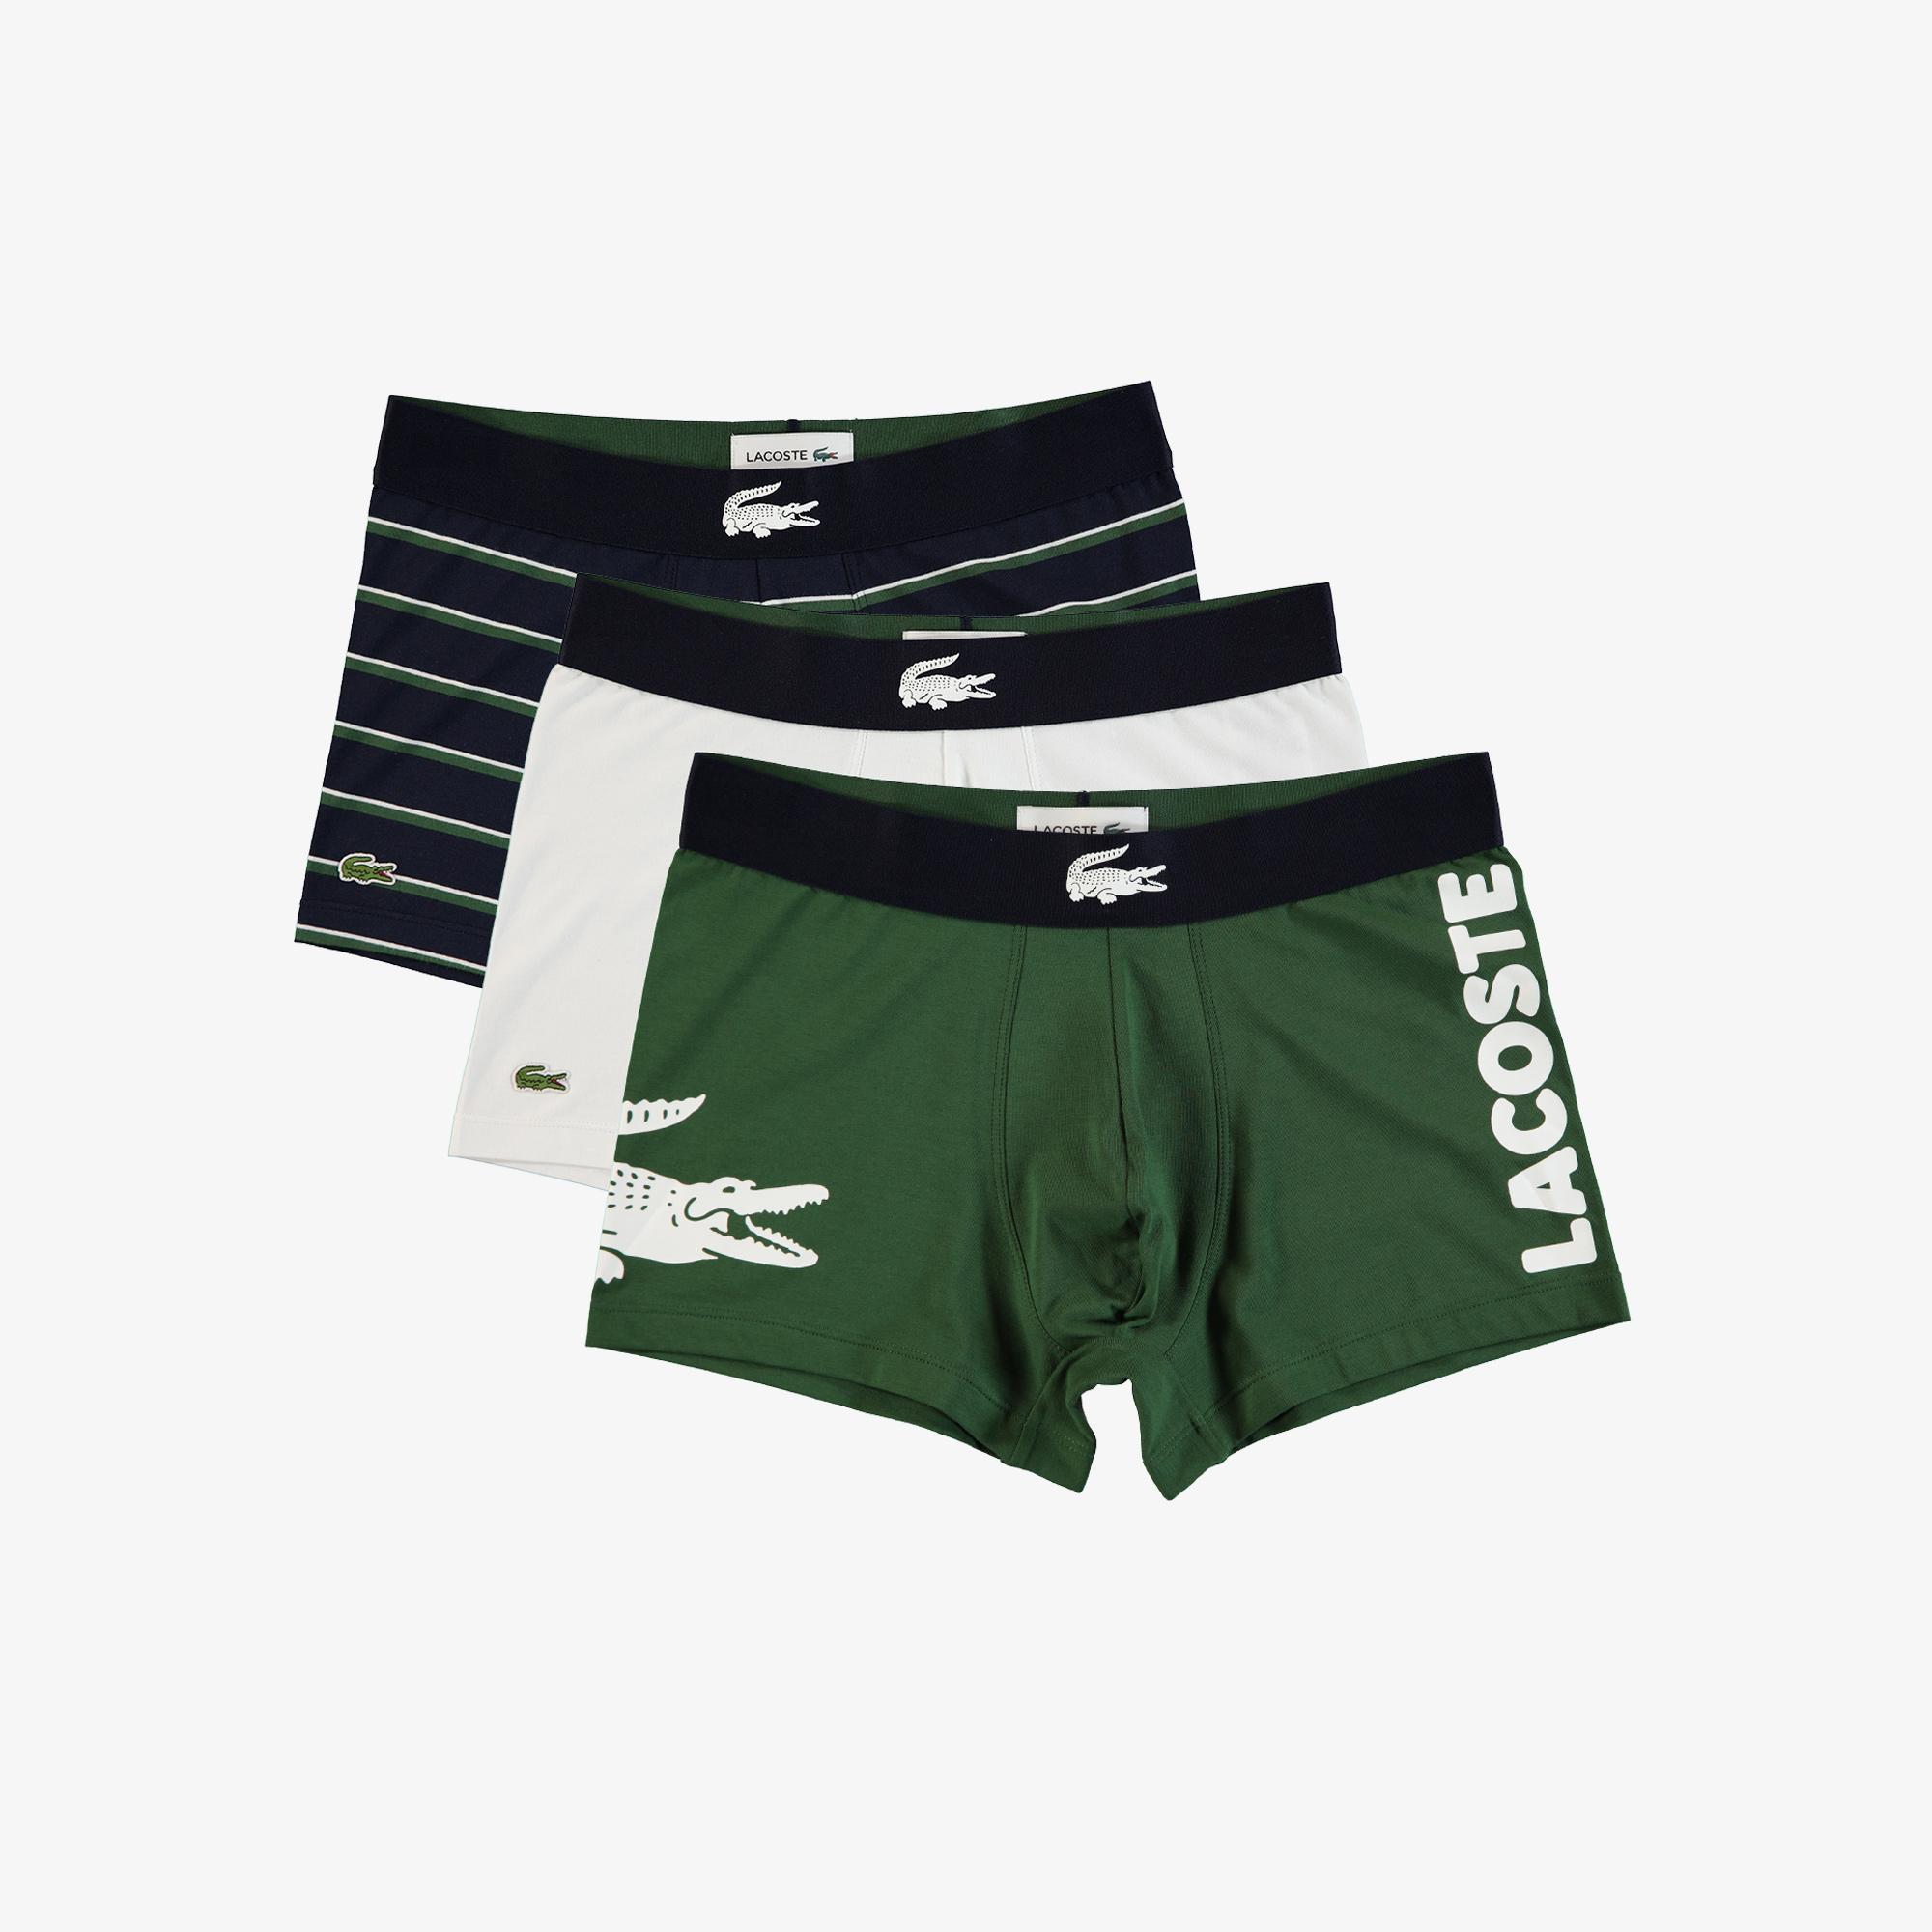 Lacoste Erkek Baskılı Renkli 3'lü Boxer